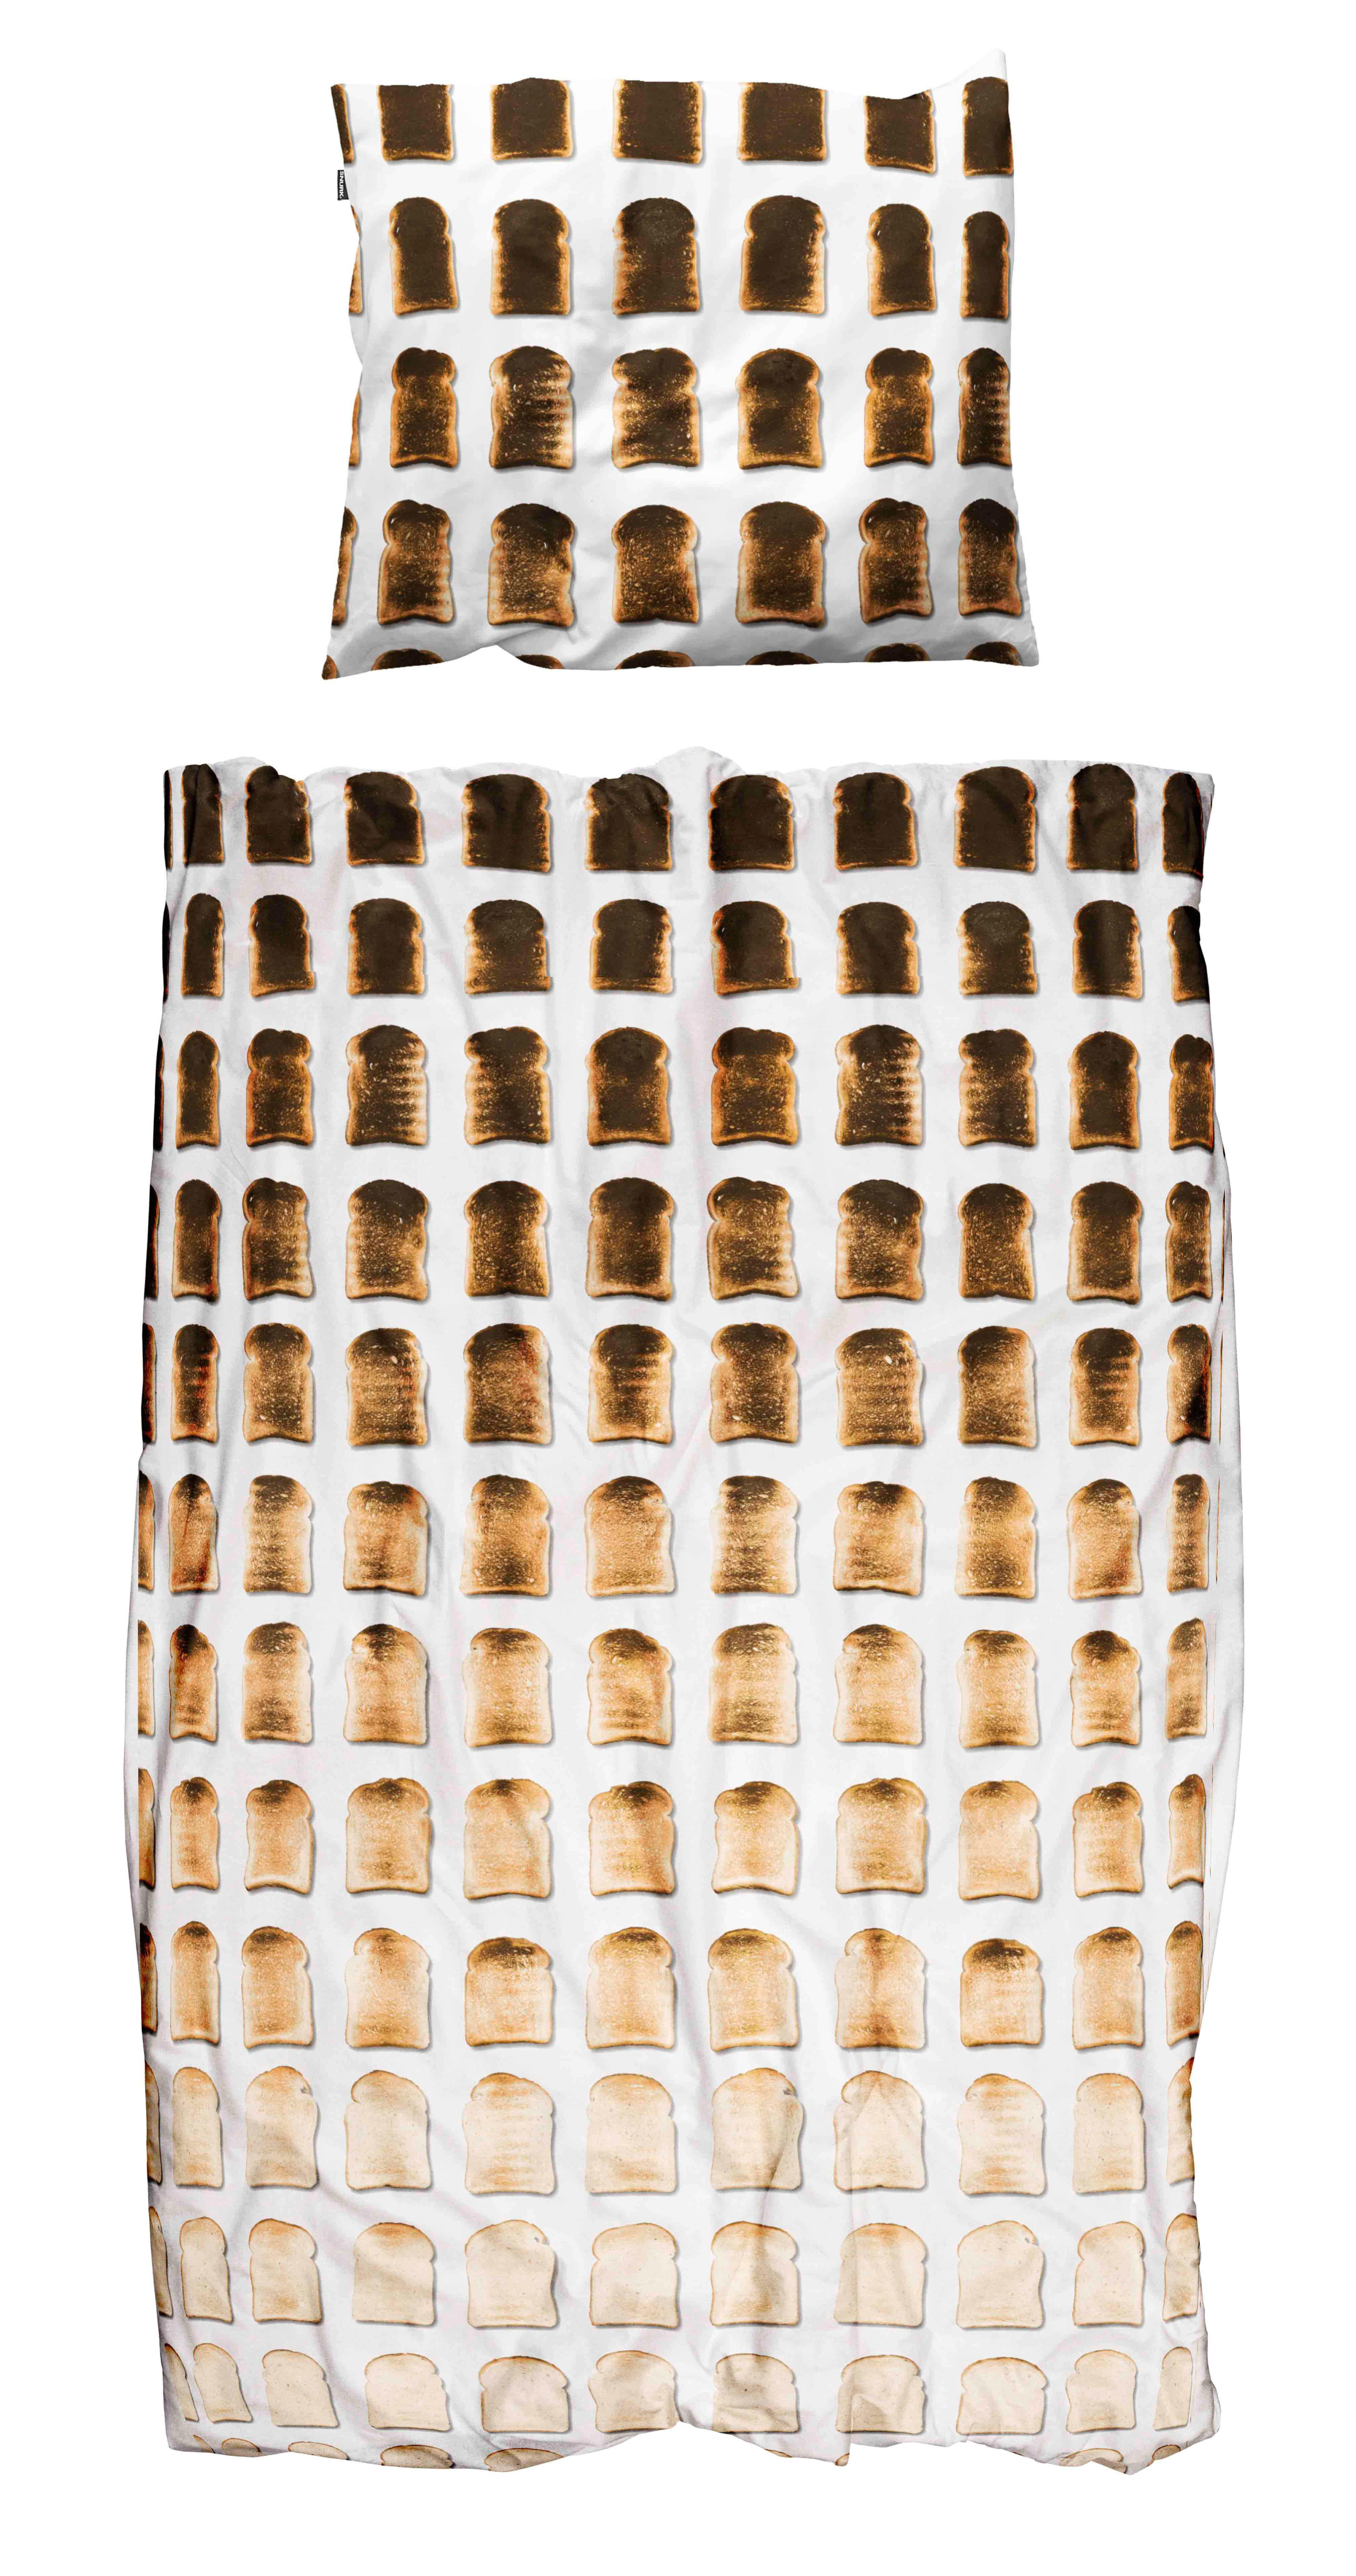 где купить Пододеяльники Snurk Пододеяльник Тост (150х200 см) по лучшей цене